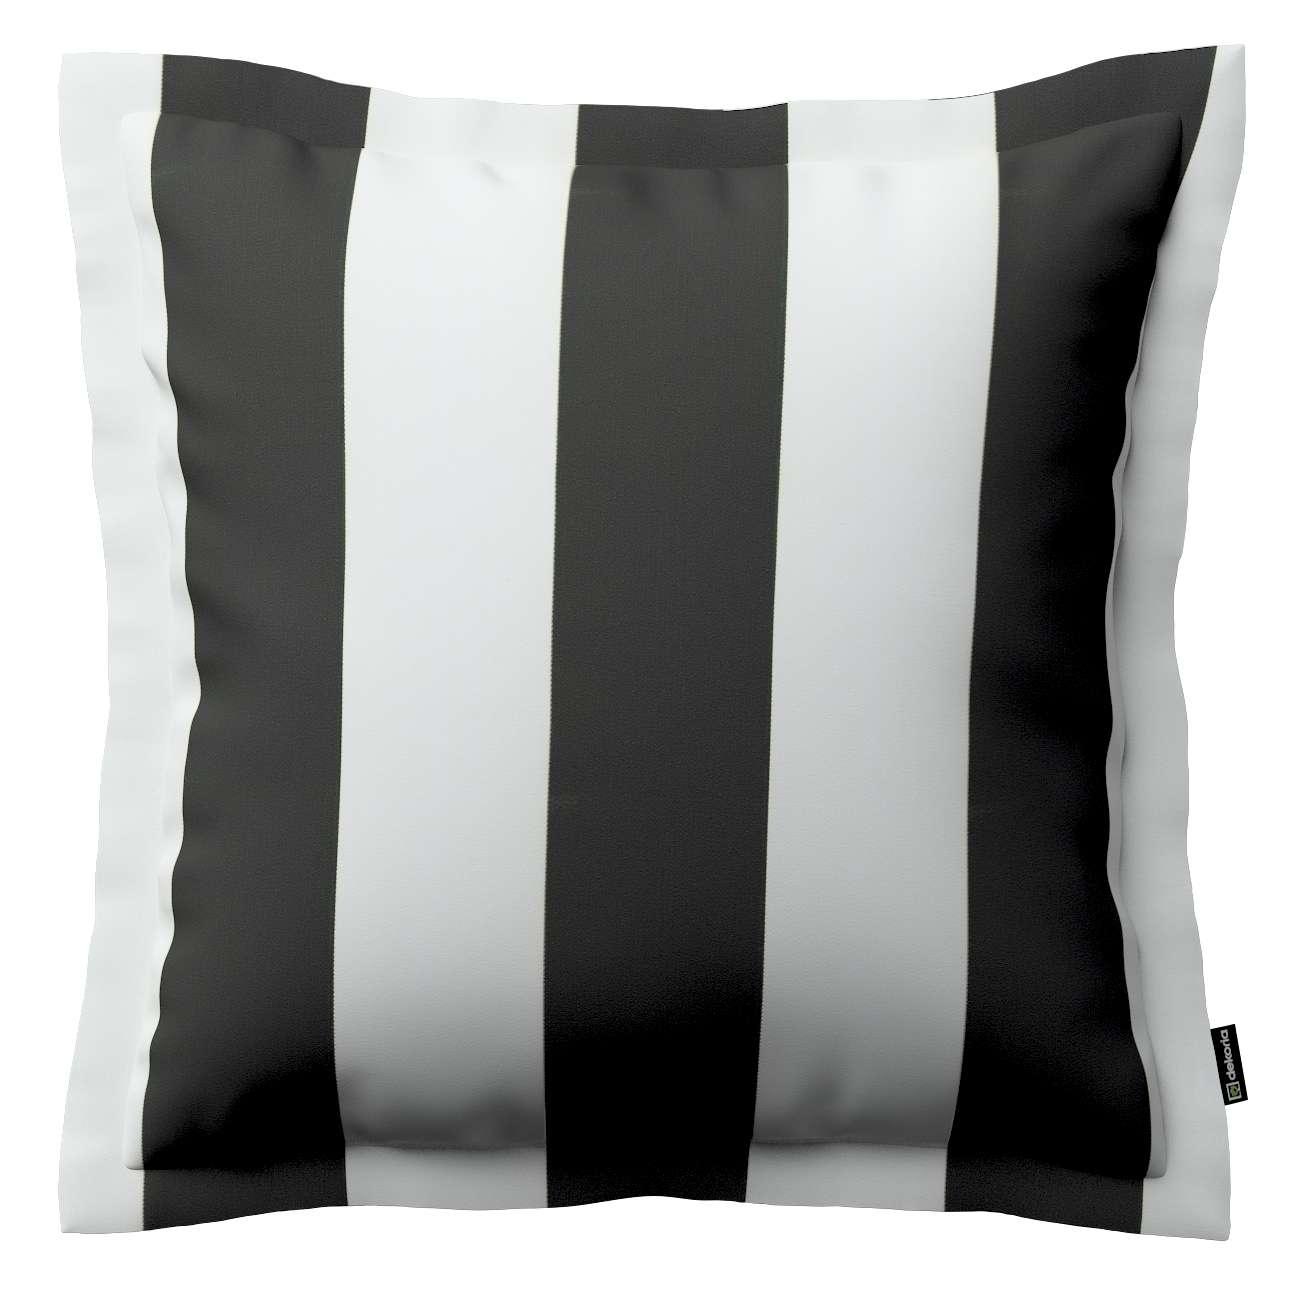 Poszewka Mona na poduszkę 45x45 cm w kolekcji Comics, tkanina: 137-53